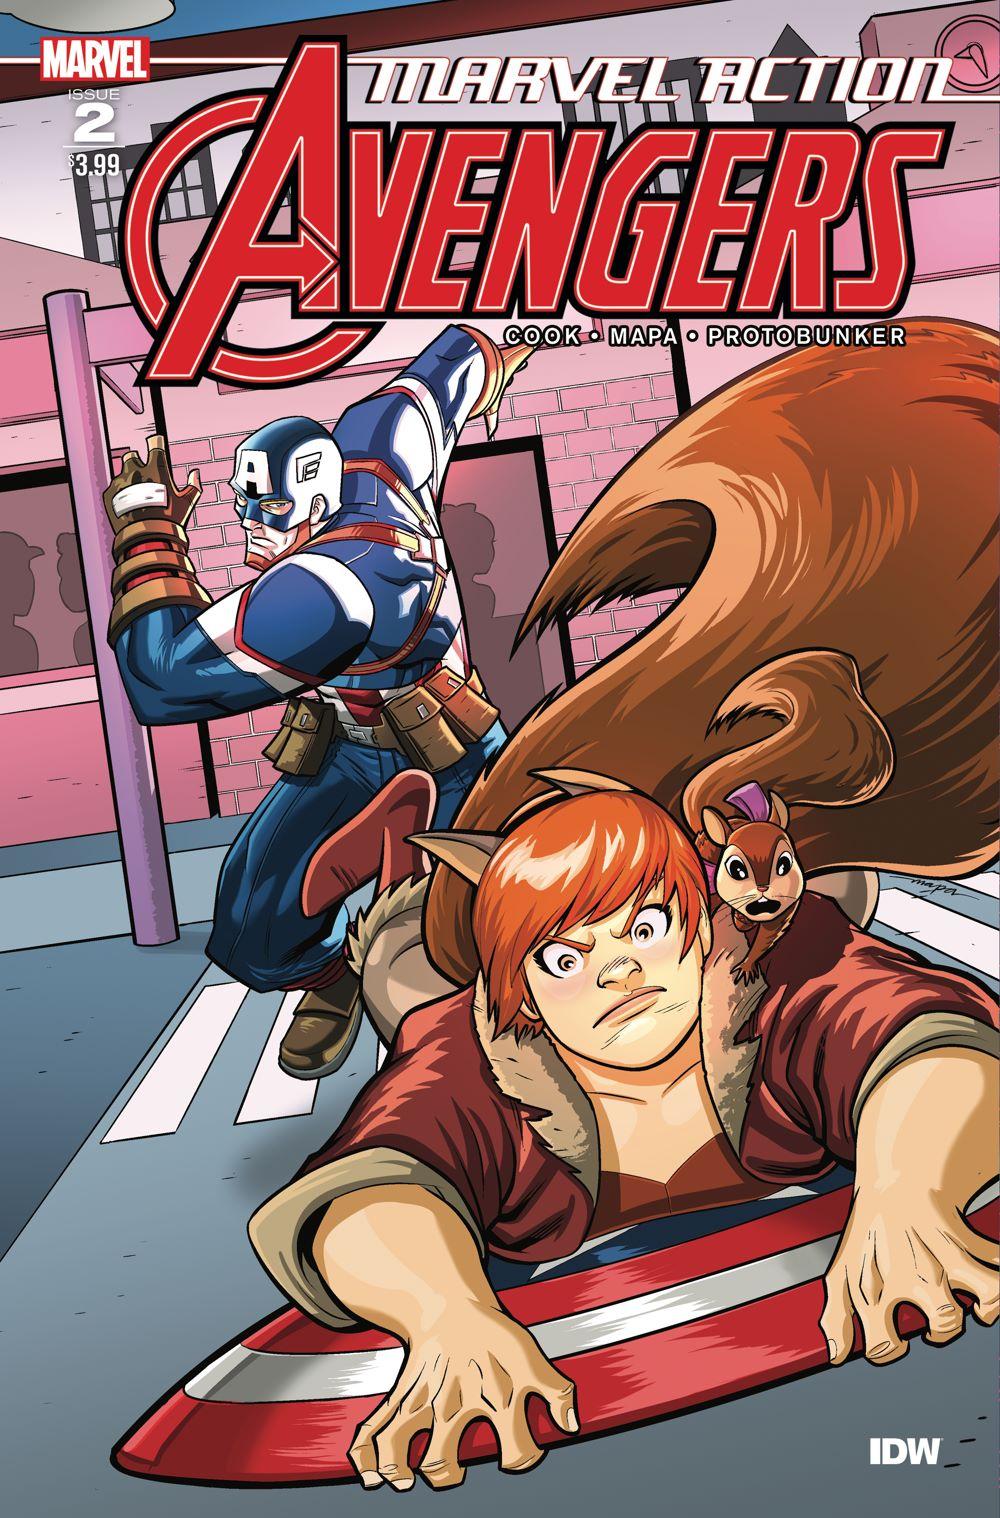 Marvel_Avengers02_coverA ComicList Previews: MARVEL ACTION AVENGERS VOLUME 2 #2